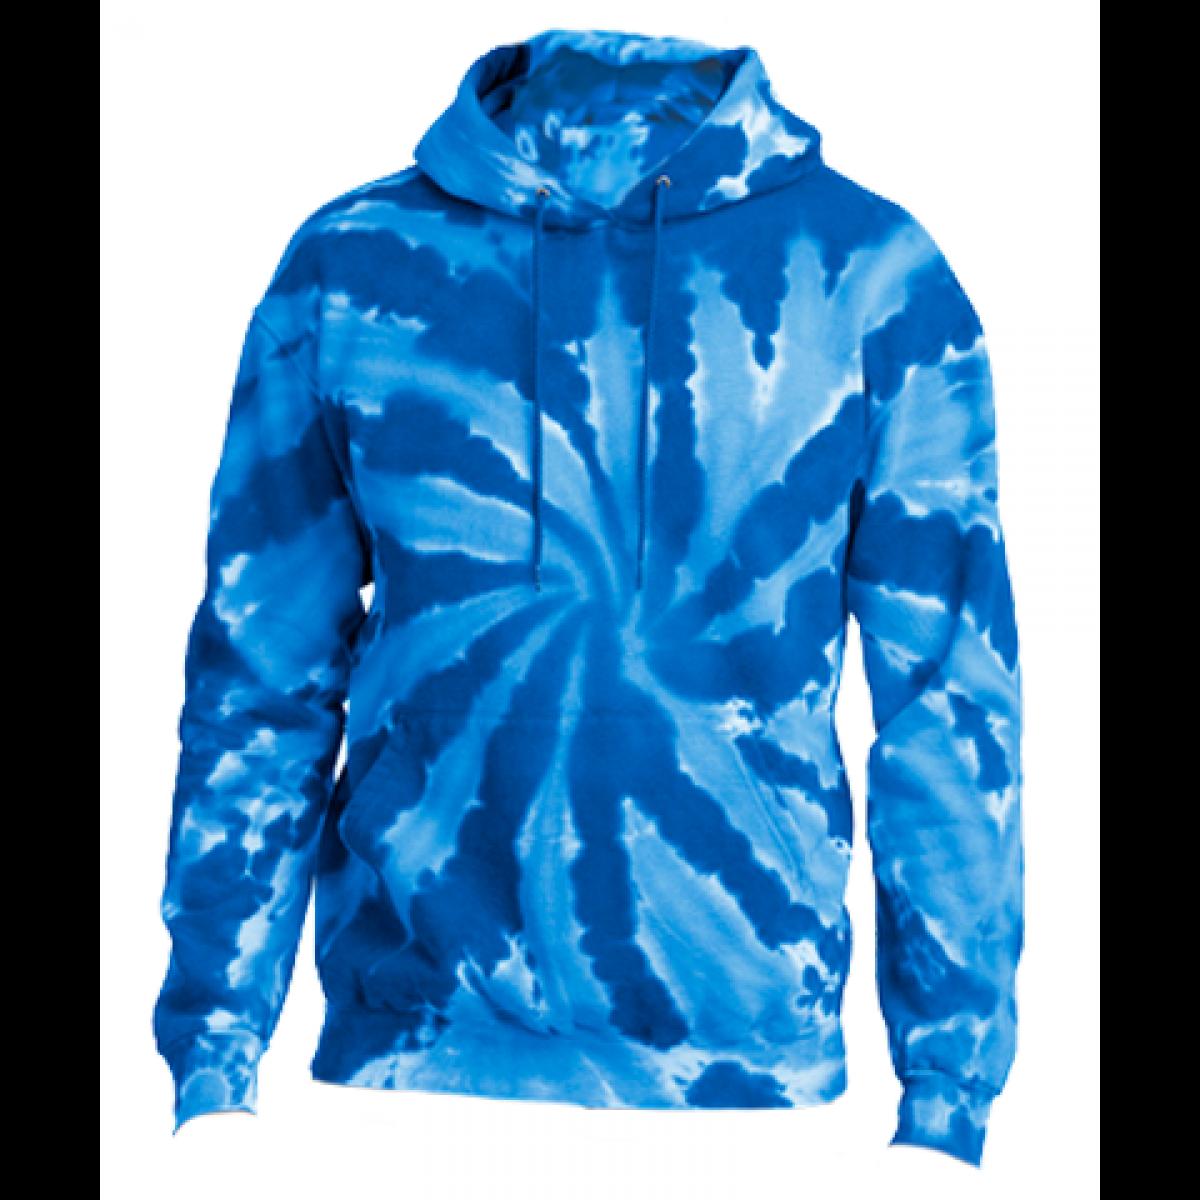 Cotton Hoody / Tie Dye Blue